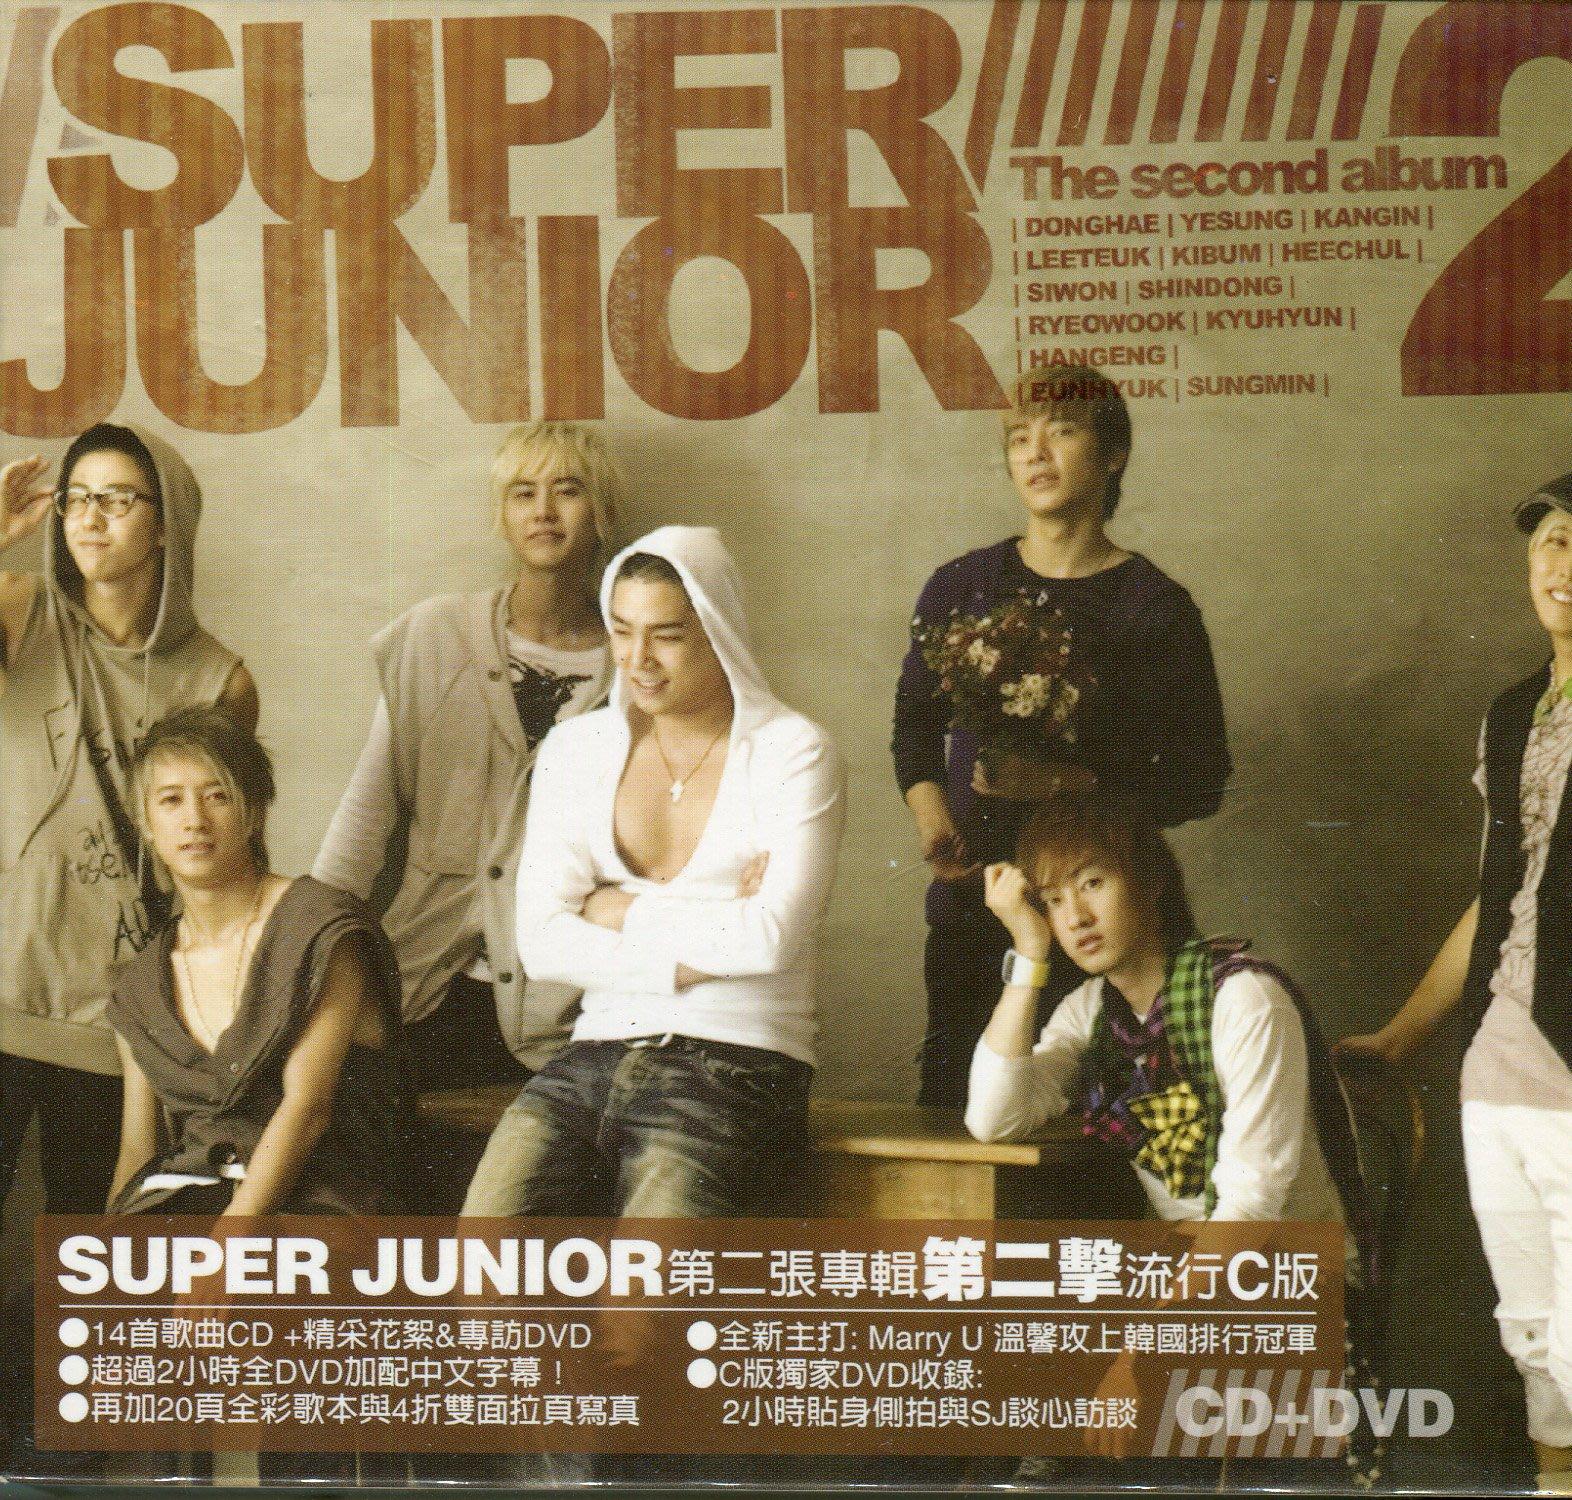 【嘟嘟音樂坊】Super Junior - 第二擊  全新流行C版   CD+DVD